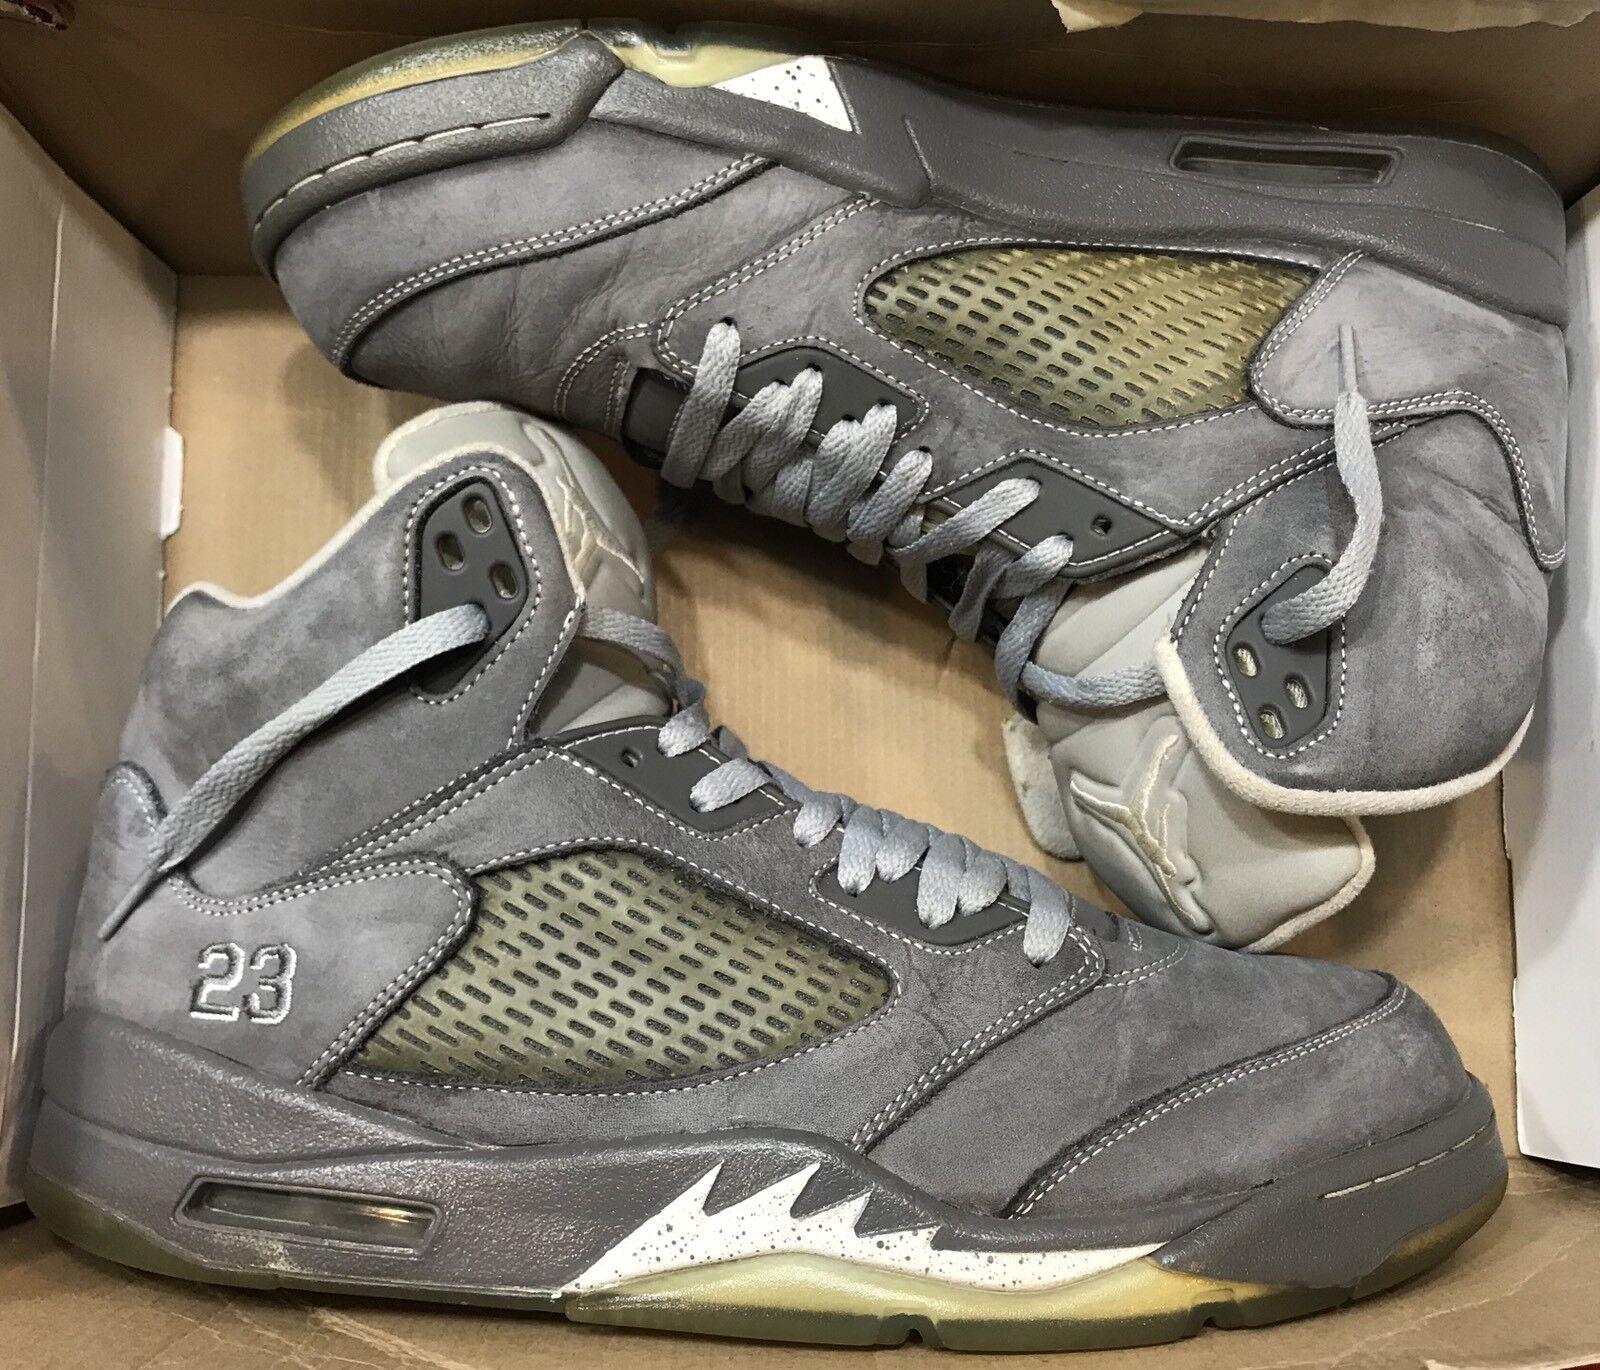 2018 Jordan Metálico Retro V Gris Lobo 5 Blanco Negro Metálico Jordan cemento III 136027-005 dcd9b3